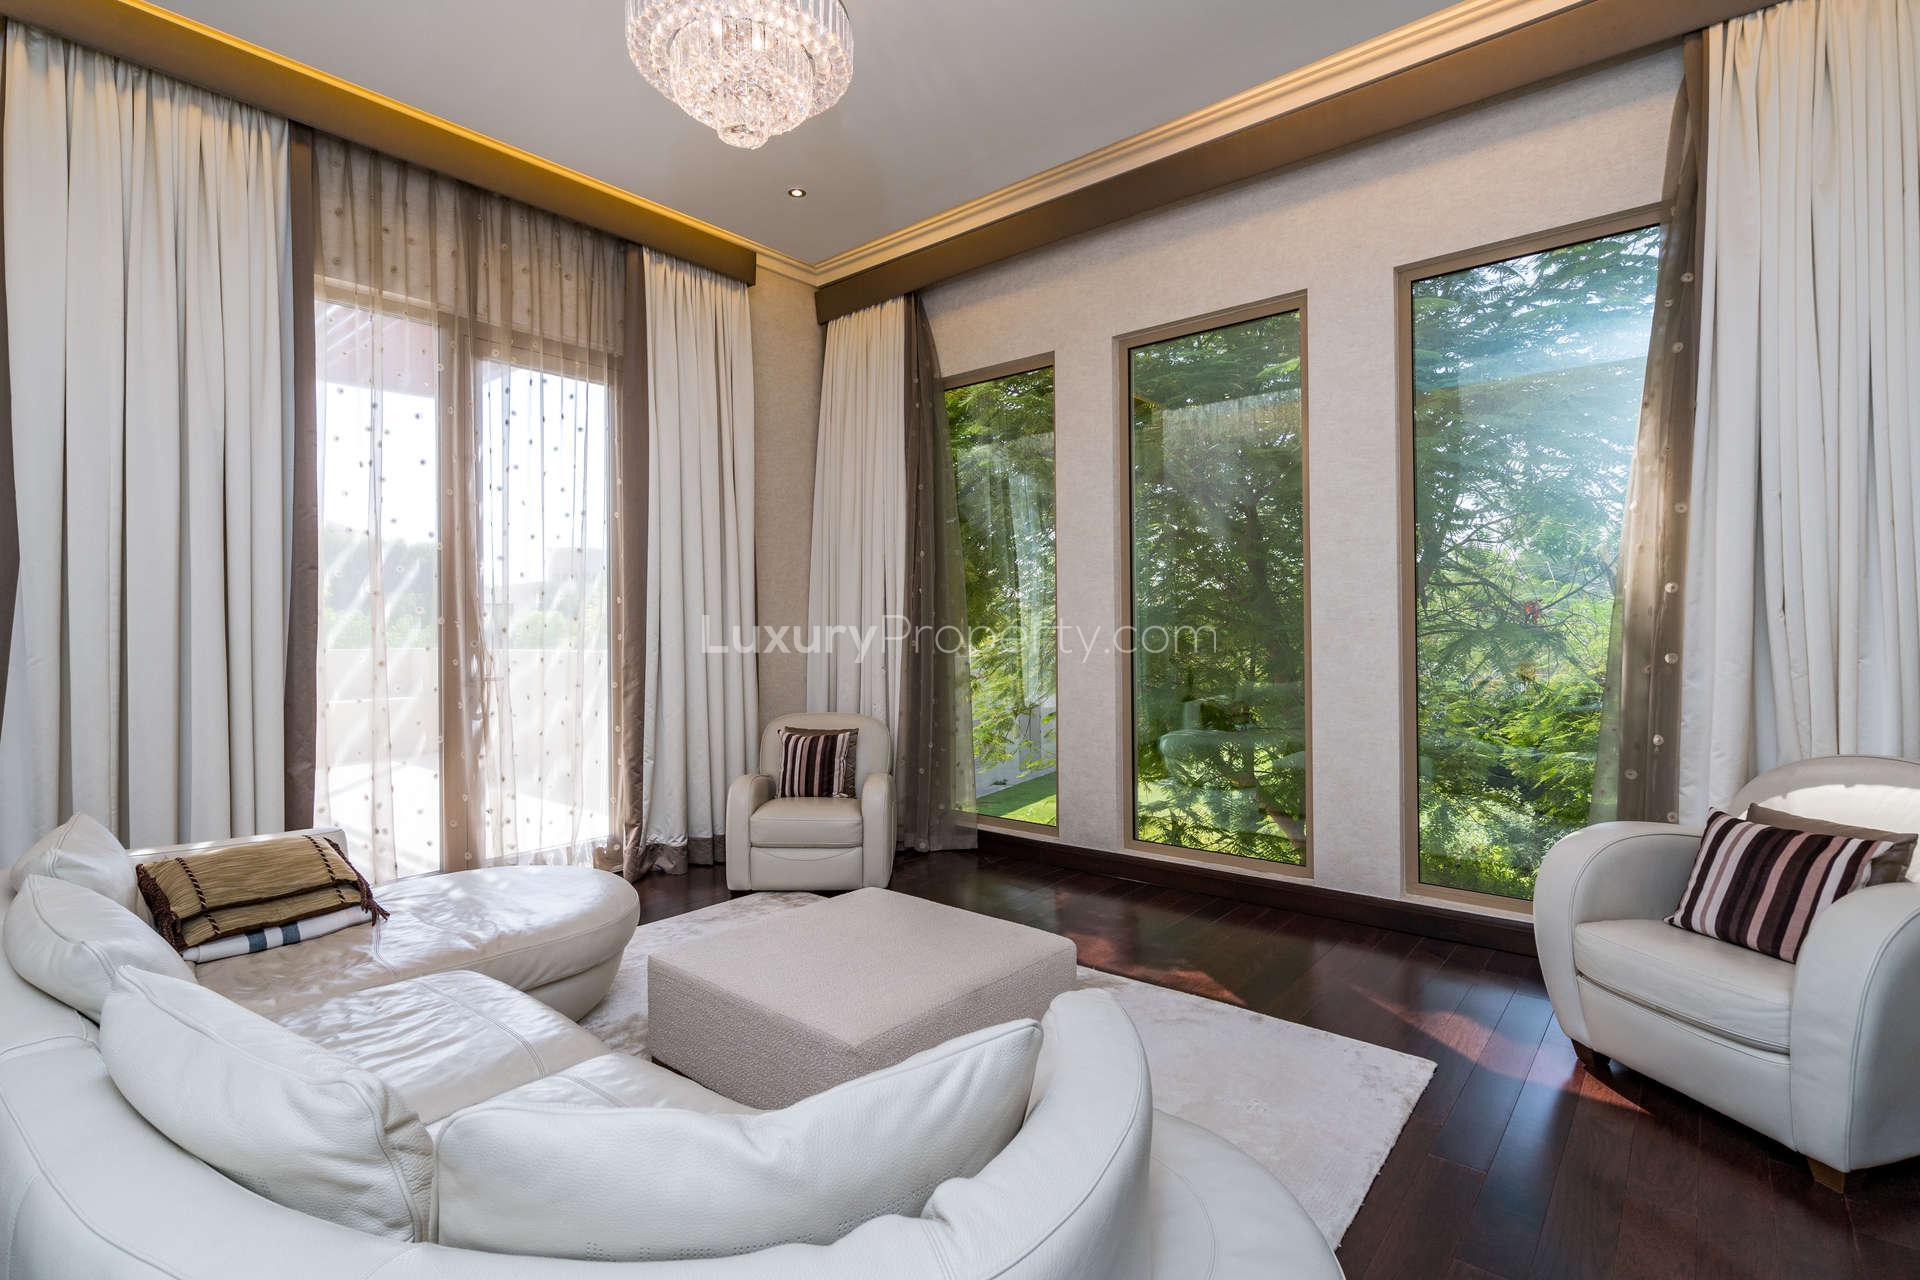 6 Bed Villa For In Jasmine Leaf